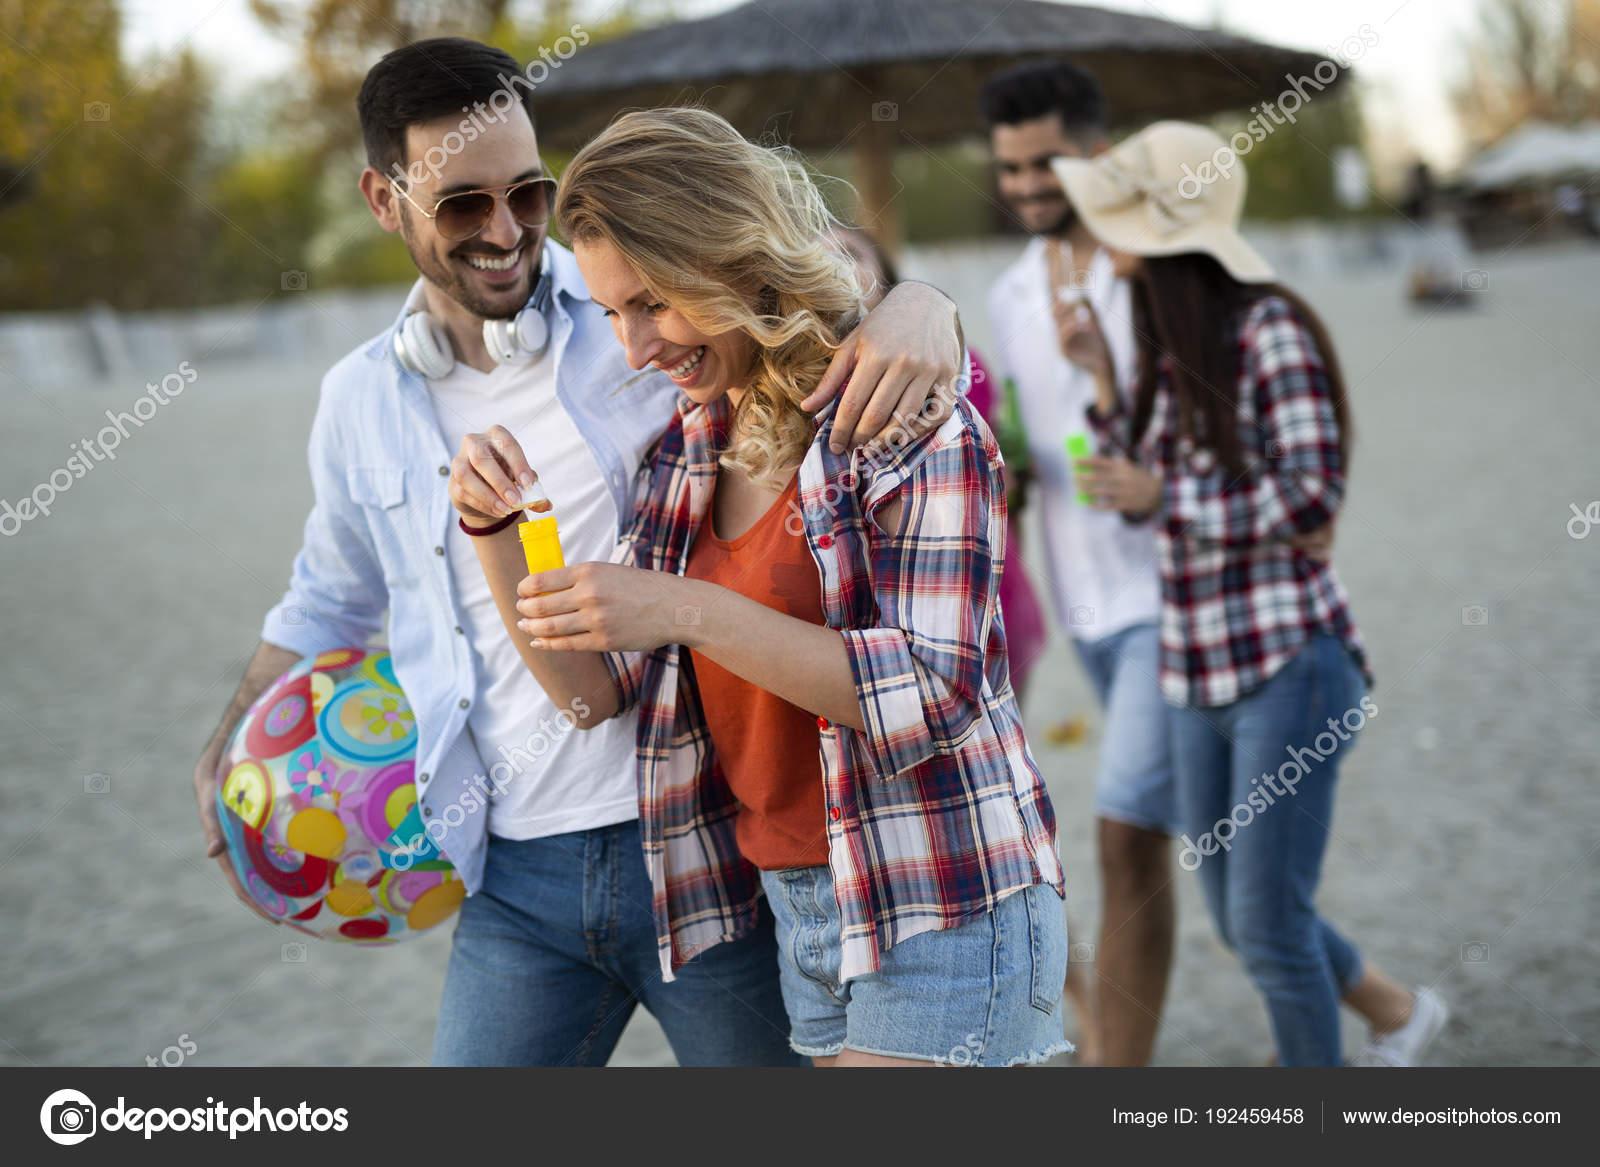 Valentýn dárek pro chlapa, kterého jste právě začali chodit